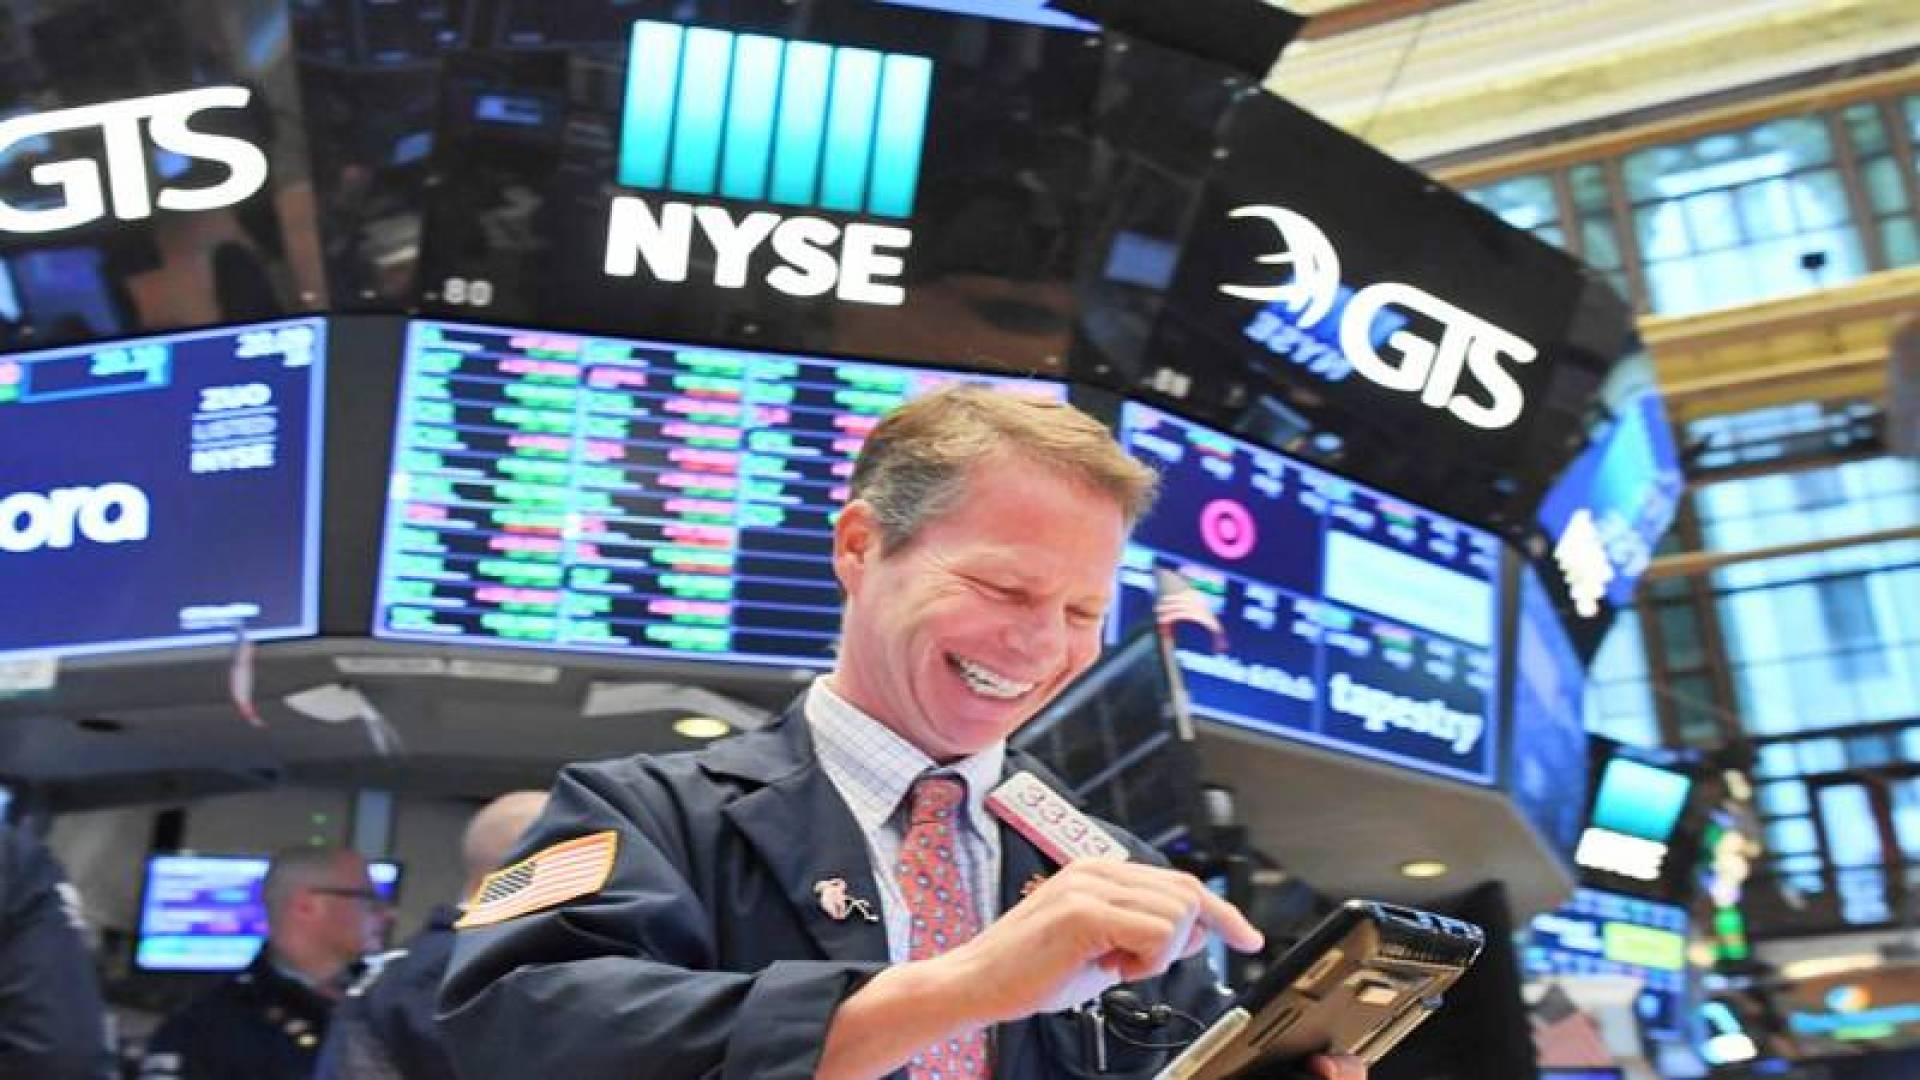 مؤشر S&P أغلق فوق مستوى 3 آلاف نقطة للمرة الأولى منذ الخامس من مارس